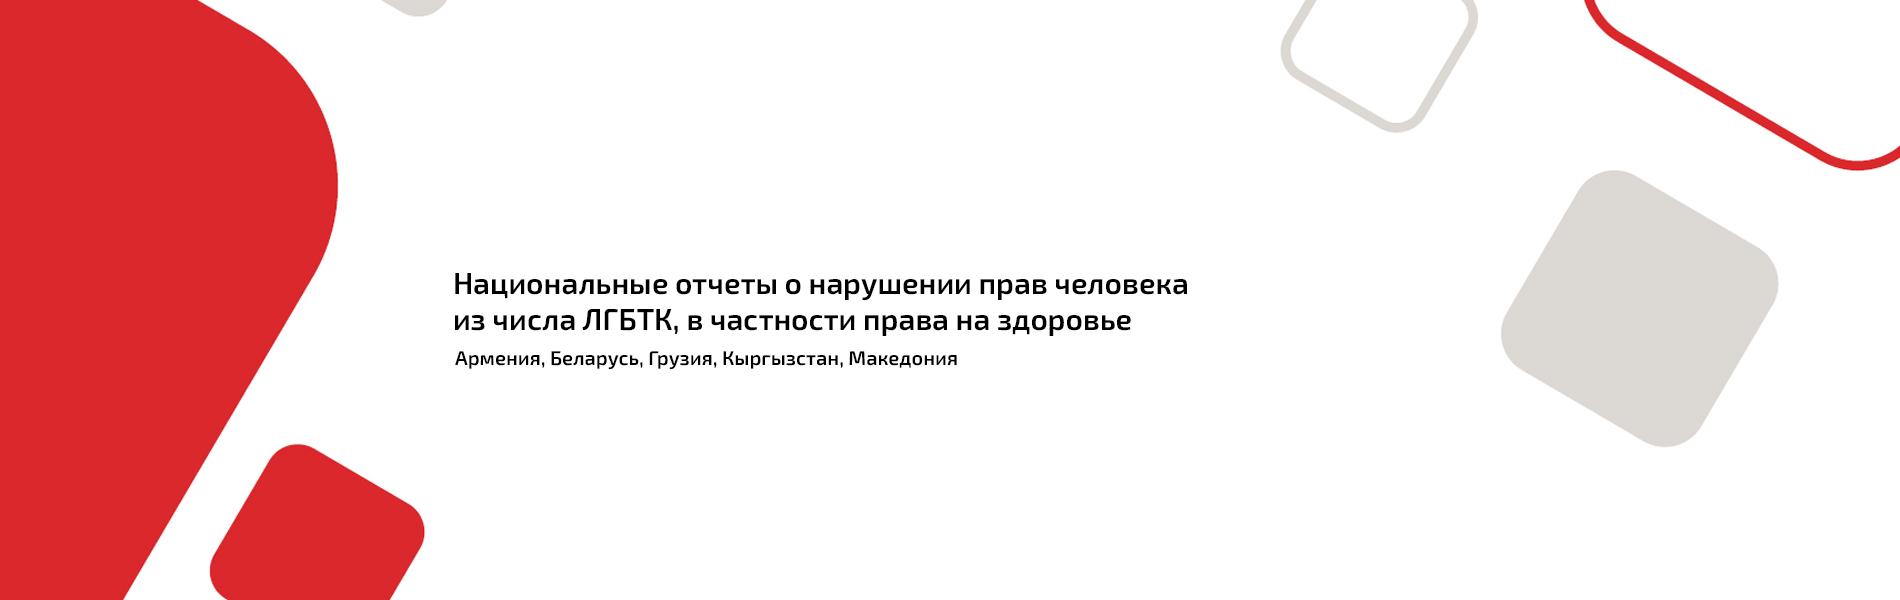 Национальные отчеты о нарушении прав человека из числа ЛГБТК в Армении, Беларуси, Грузии, Кыргызстане и Северной Македонии в 2018 году.